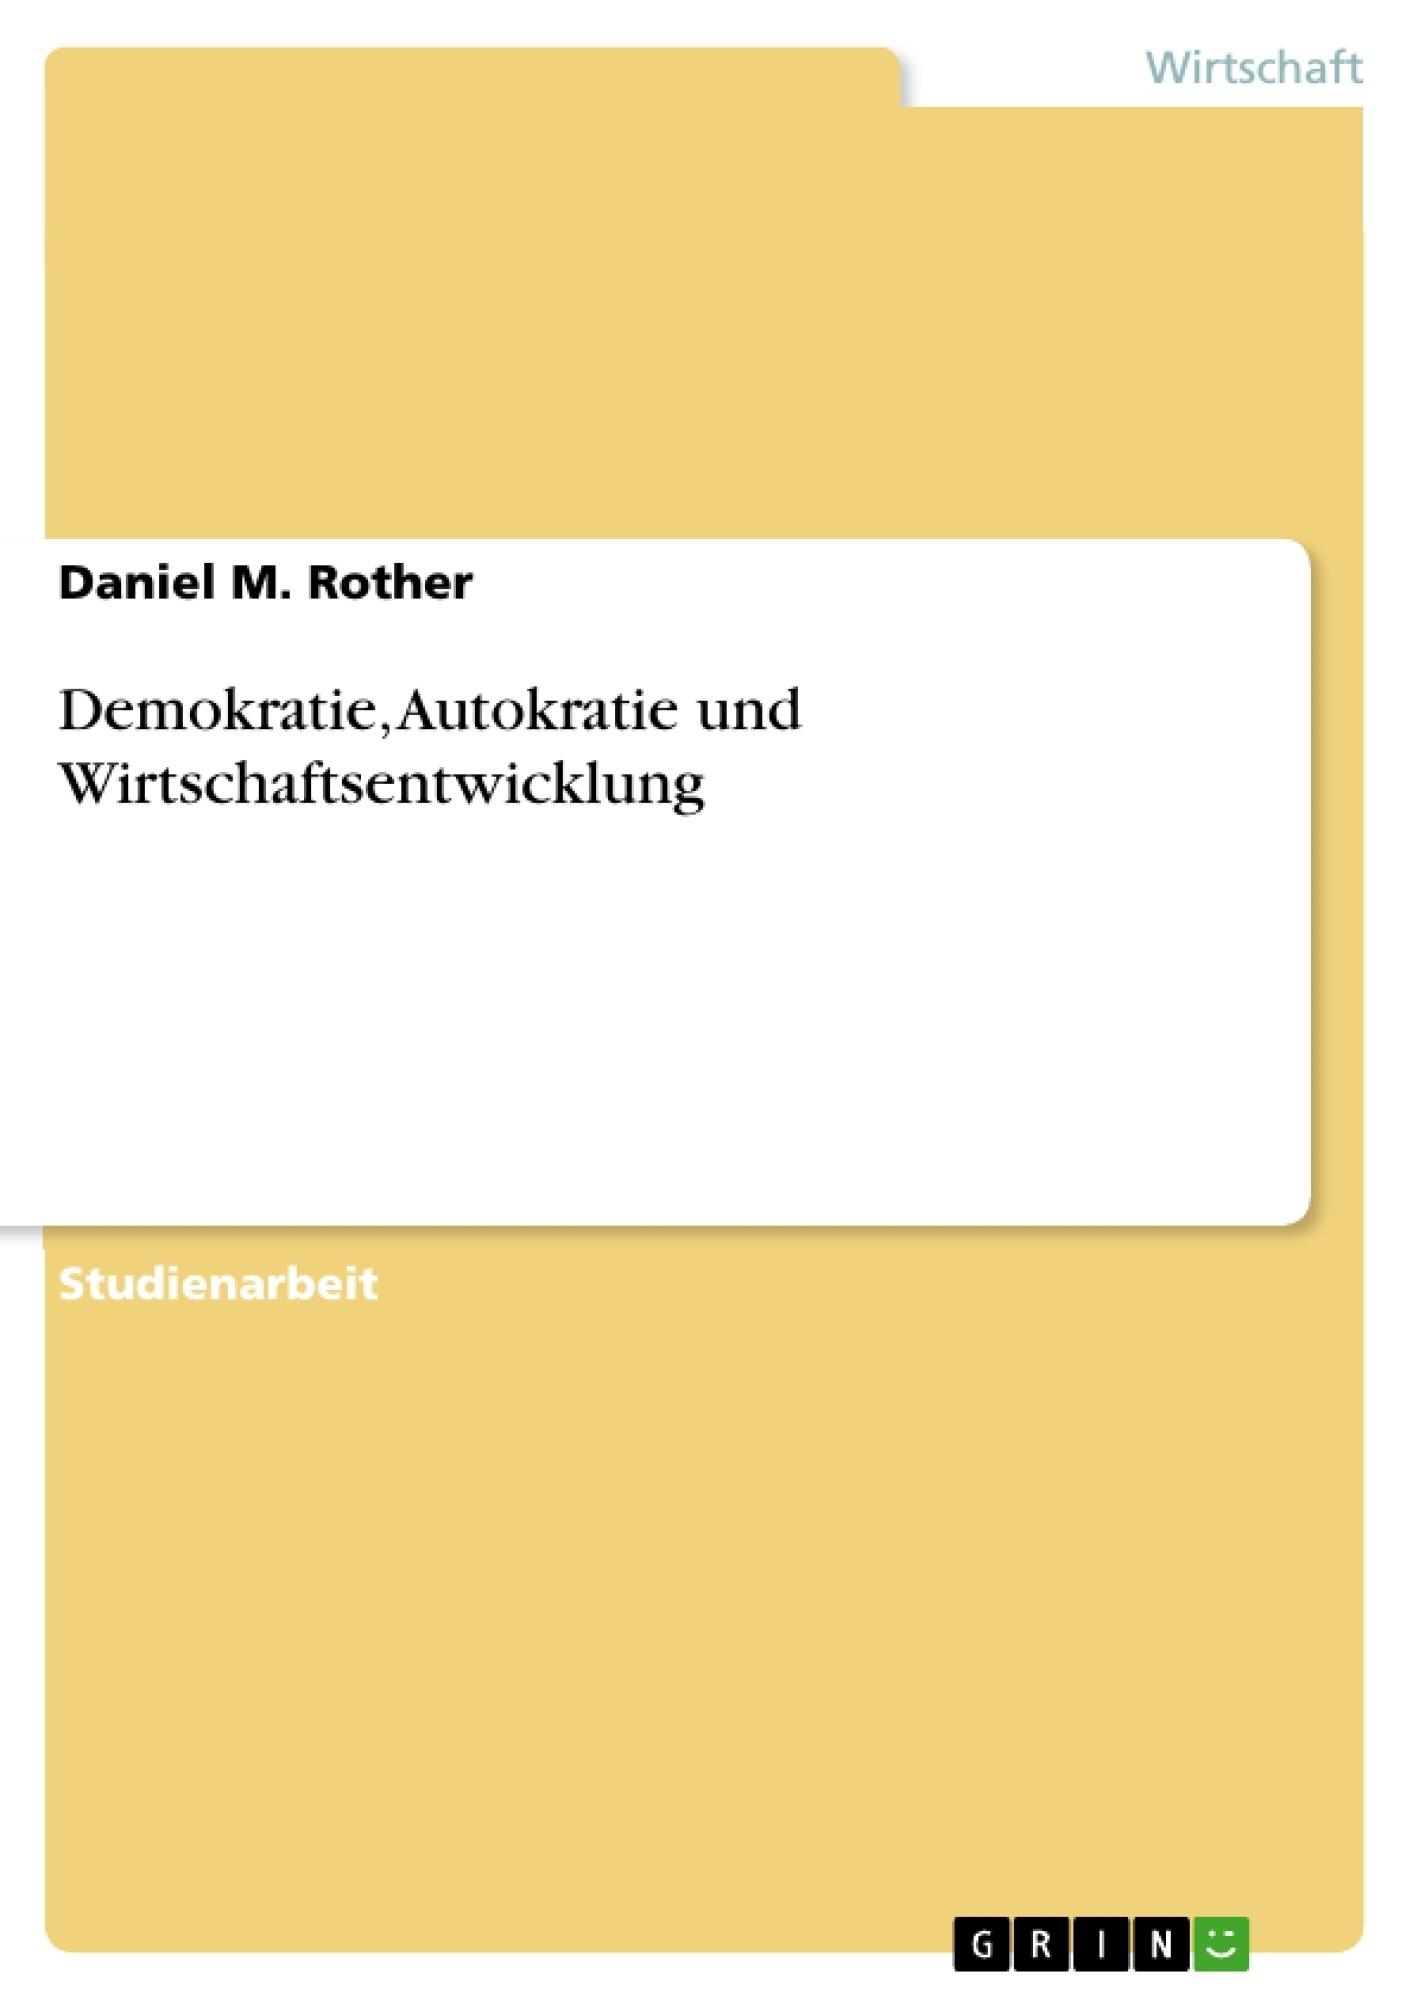 Titel: Demokratie, Autokratie und Wirtschaftsentwicklung